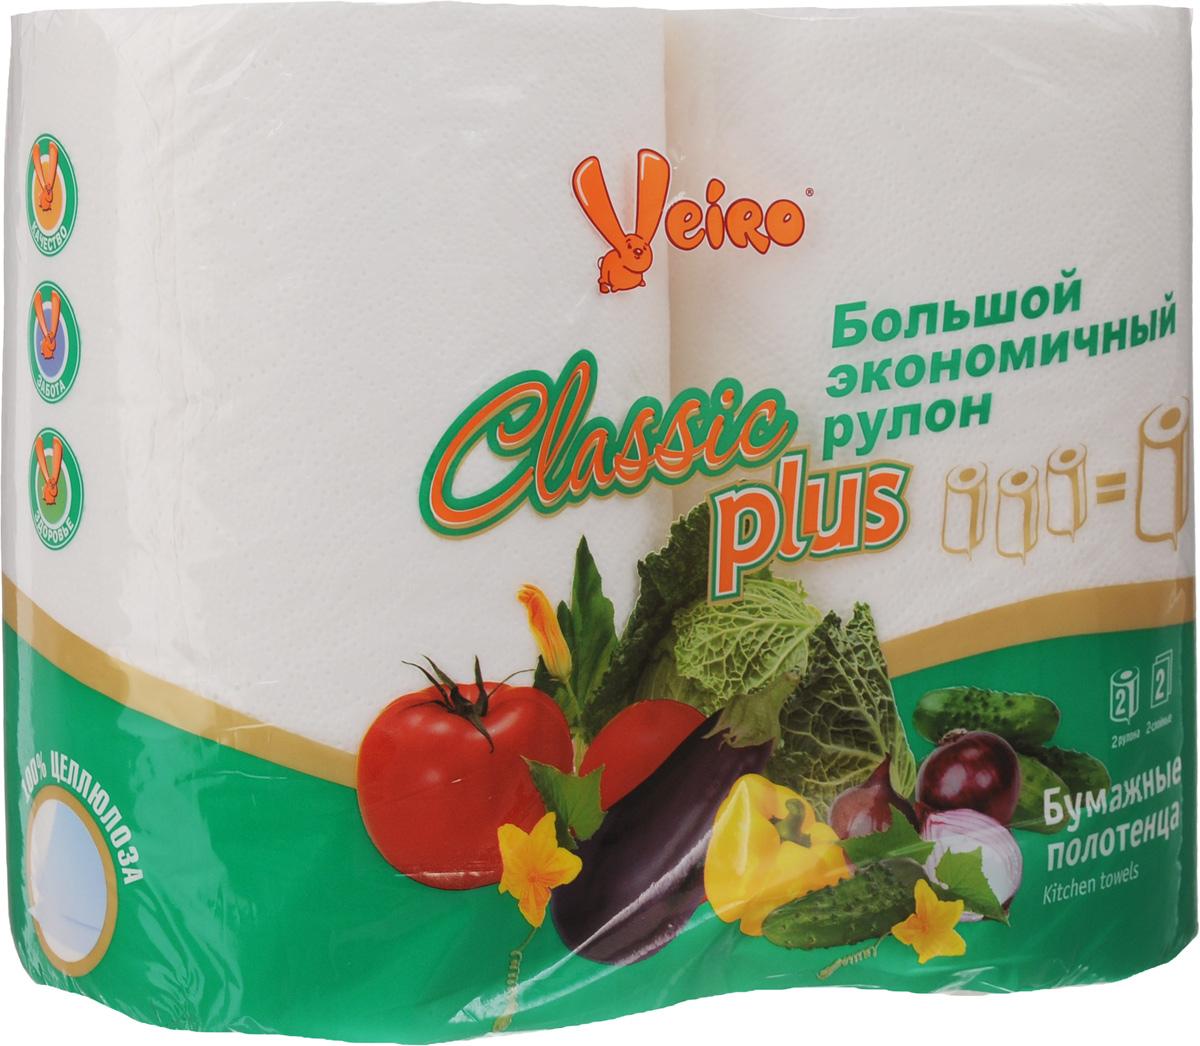 Полотенца бумажные Veiro Classic Plus, двухслойные, 2 рулона6П22Двухслойные бумажные полотенца Veiro Classic Plus, выполненные из 100% целлюлозы, подарят превосходный комфорт и ощущение чистоты и свежести. Изделия просты в использовании, их нужно просто утилизировать после применения. Специальное тиснение улучшает способность материала впитывать влагу, что позволяет полотенцам еще лучше справляться со своей работой. Салфетки отрываются по специальной перфорации. Полотенца Veiro Classic Plus прекрасно подойдут для использования на вашей кухне. Количество рулонов: 2 шт. Количество слоев: 2. Длина рулона: 37,5 м. Размер листа: 22 х 25 см.